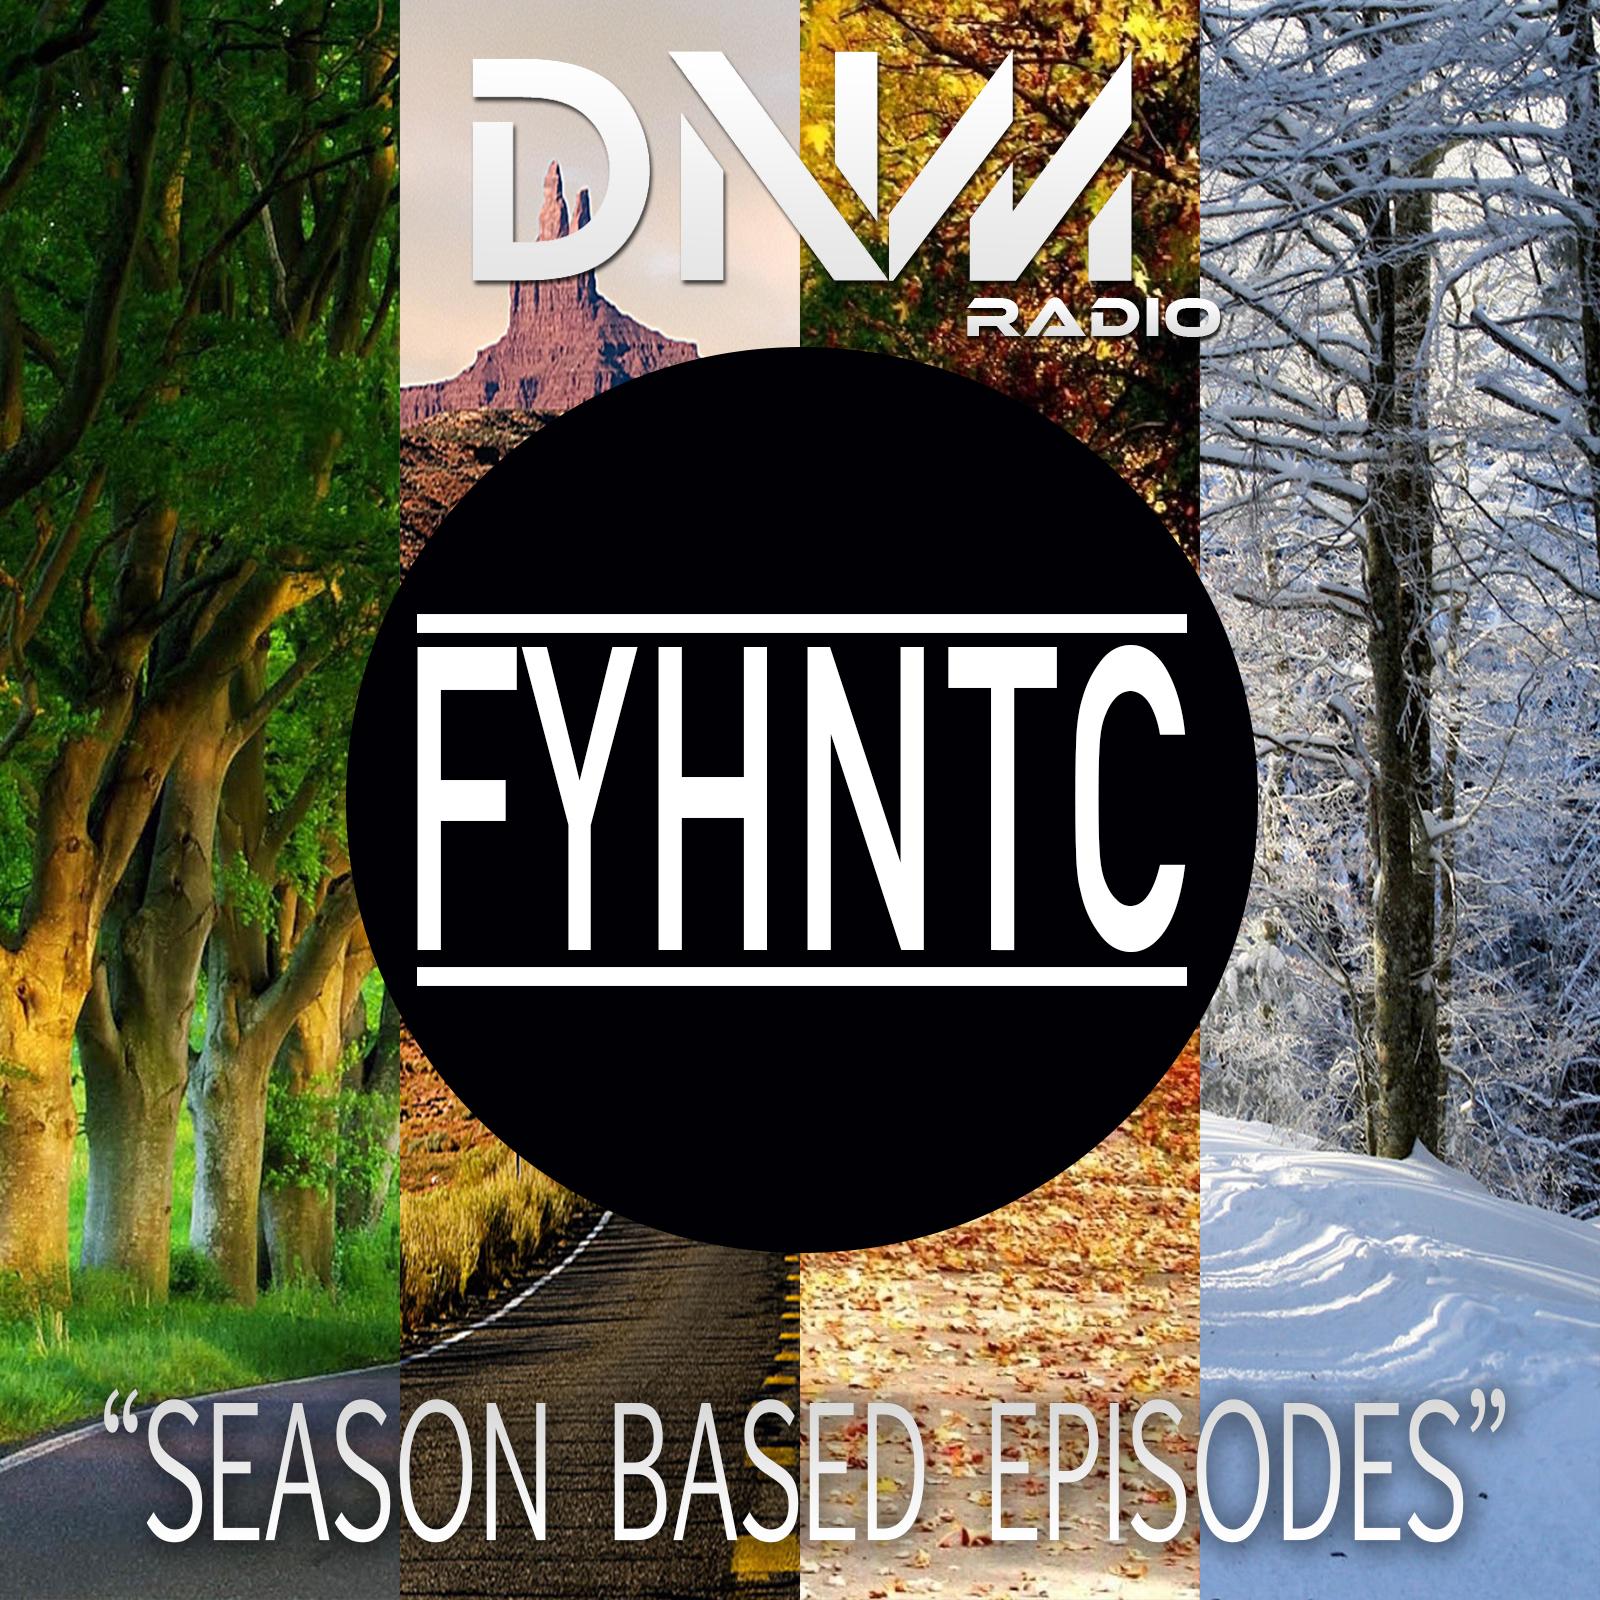 DNM Radio presents